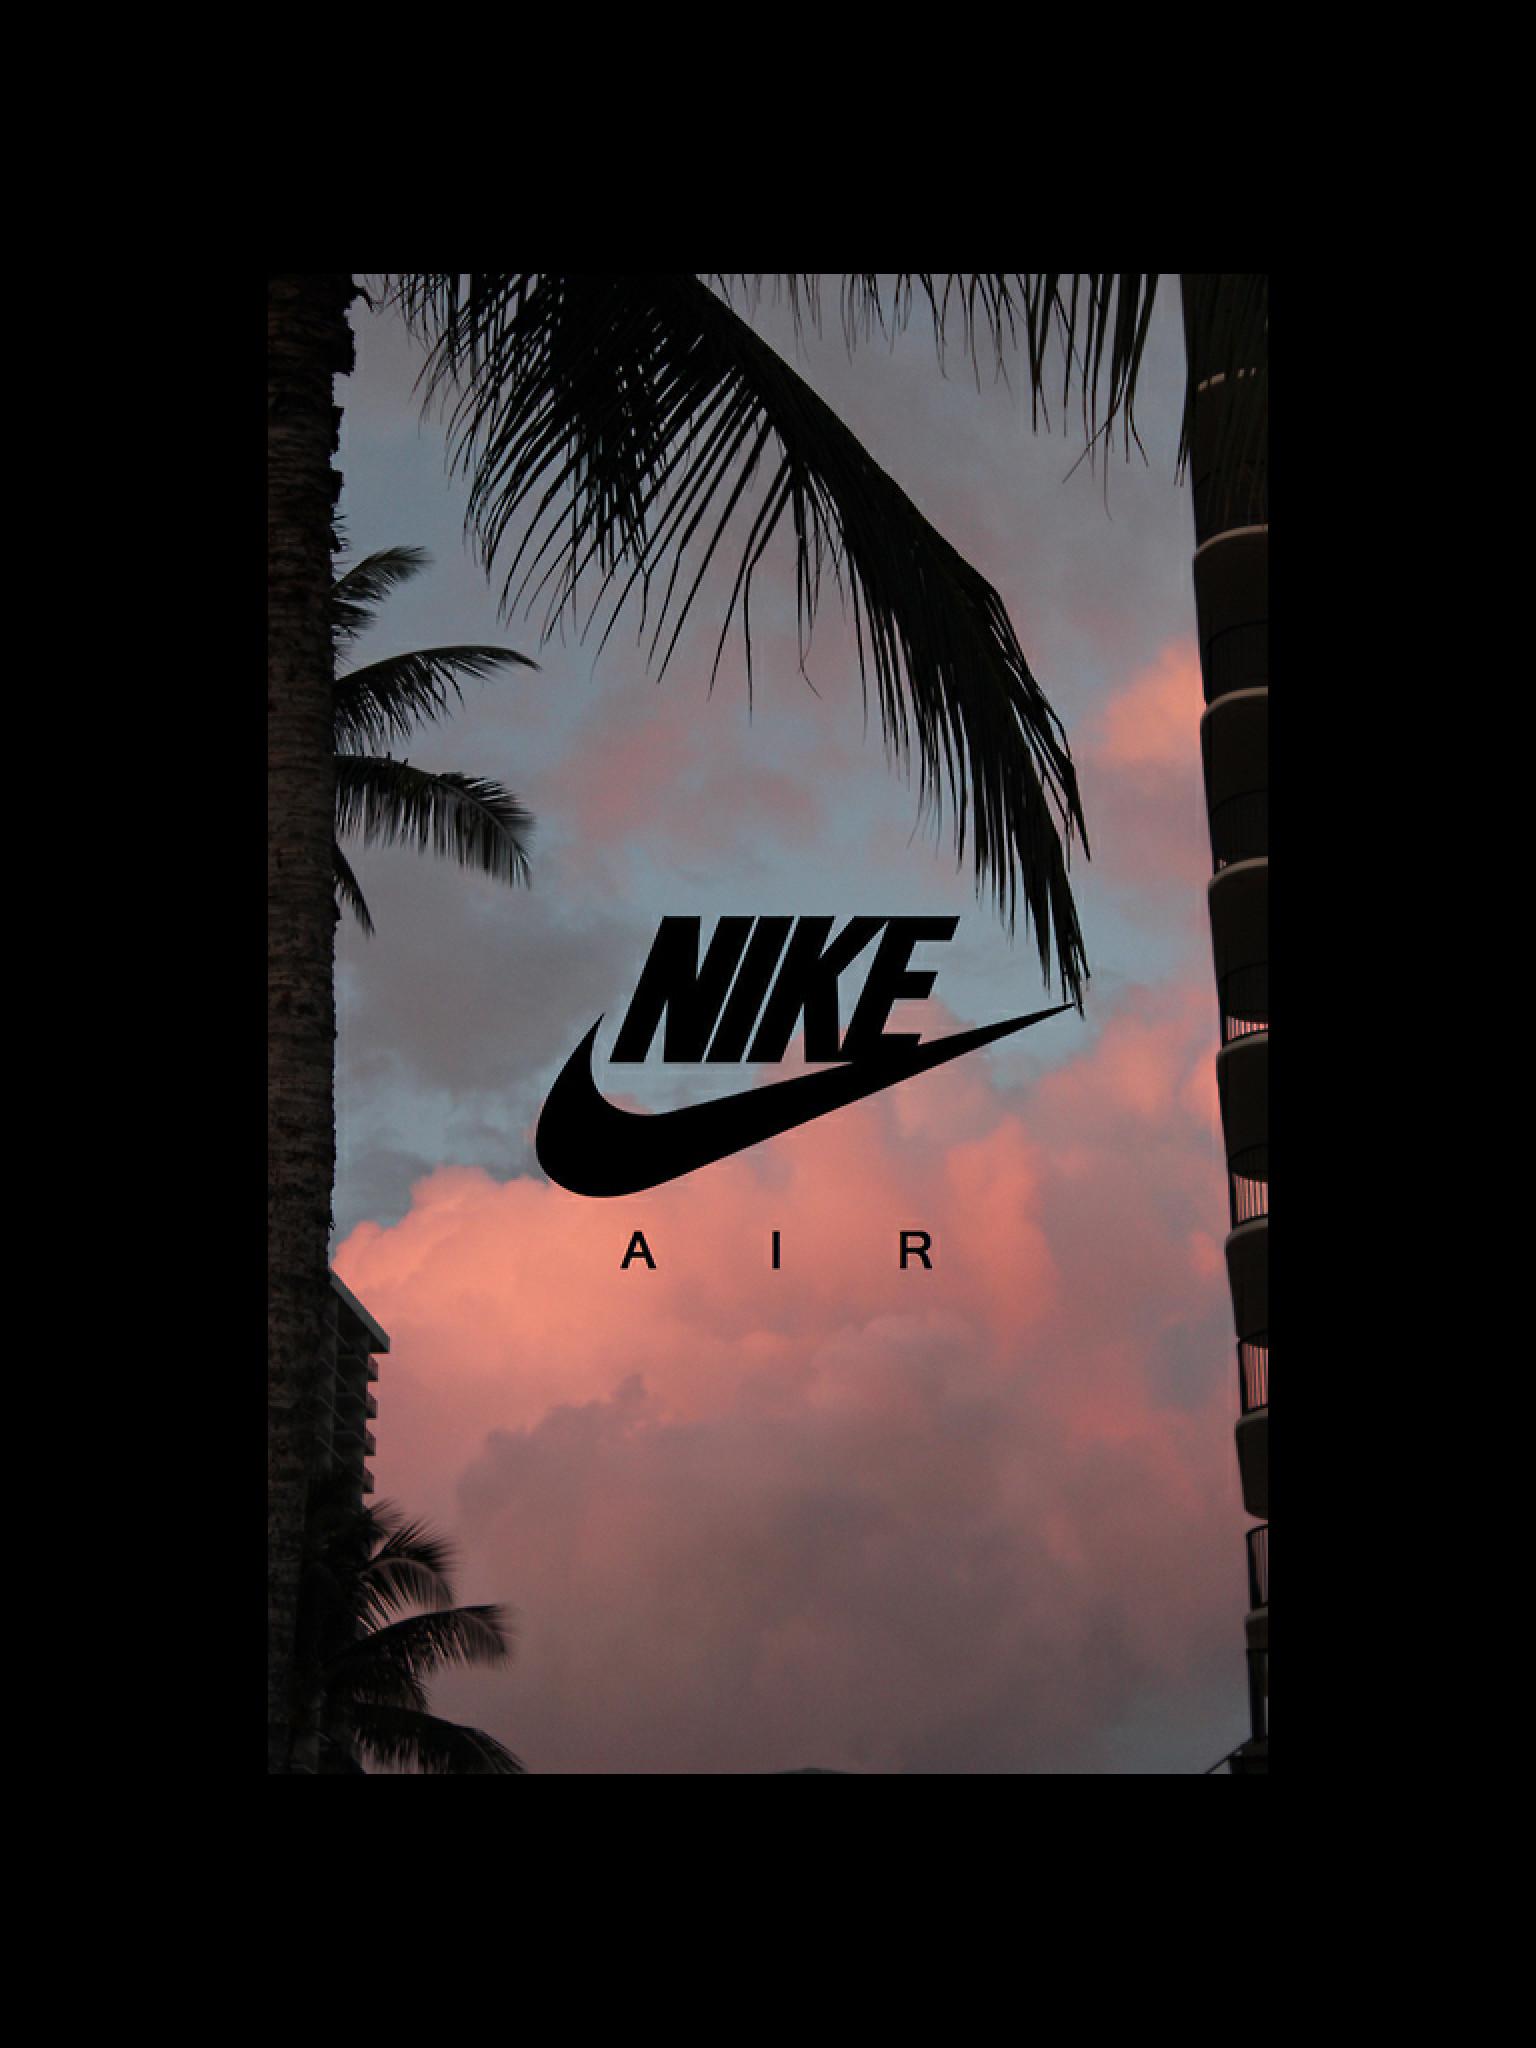 Nike Air Wallpaper Wallpapertag